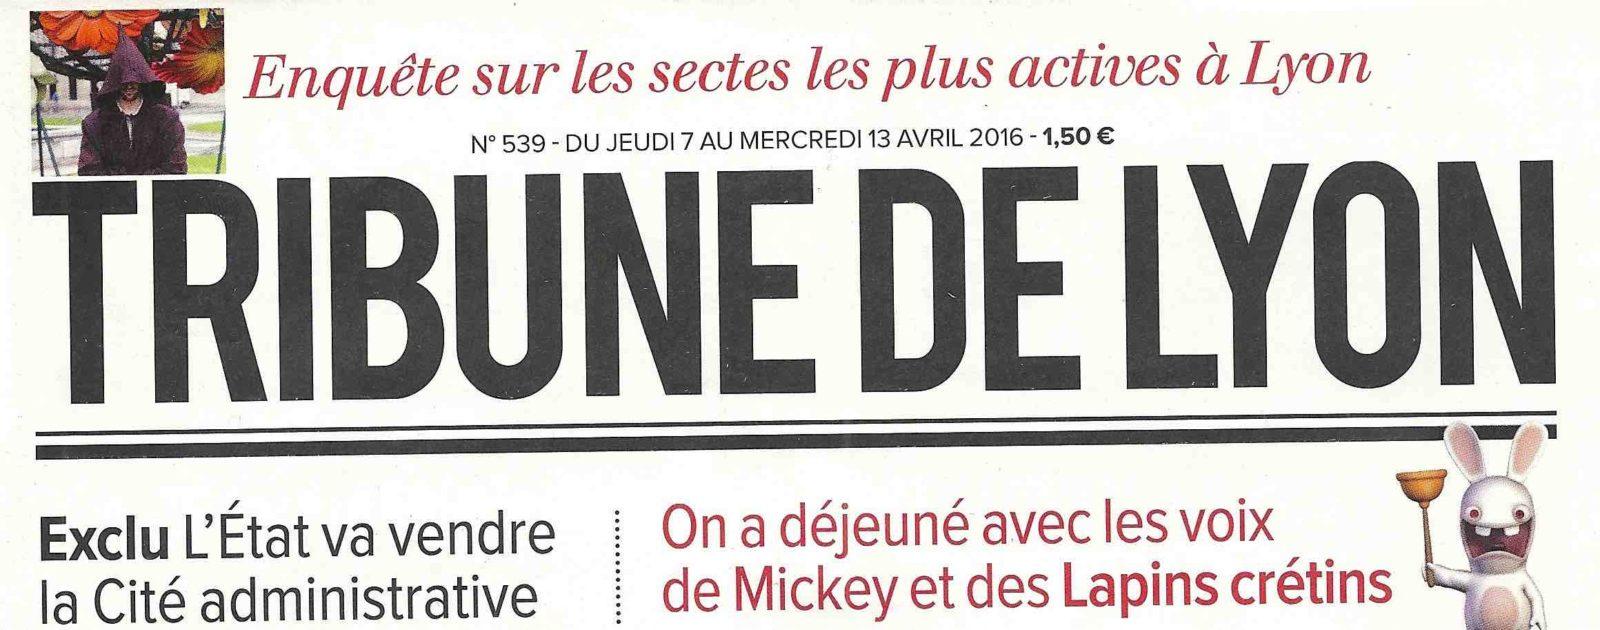 Tribune Lyon 3